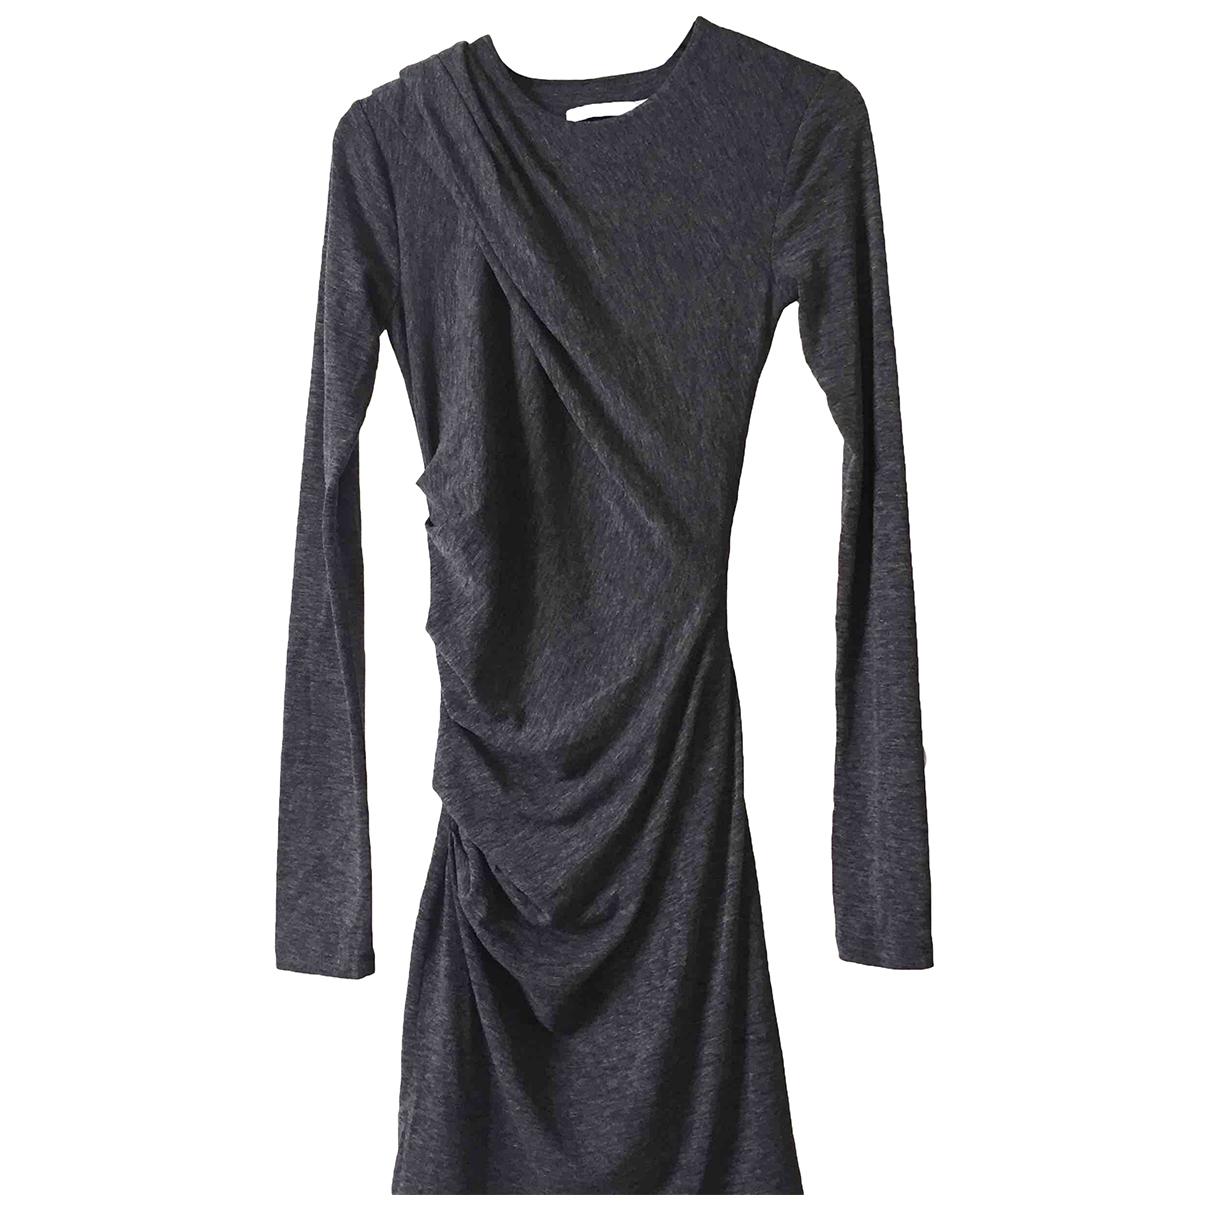 T By Alexander Wang \N Kleid in  Grau Polyester